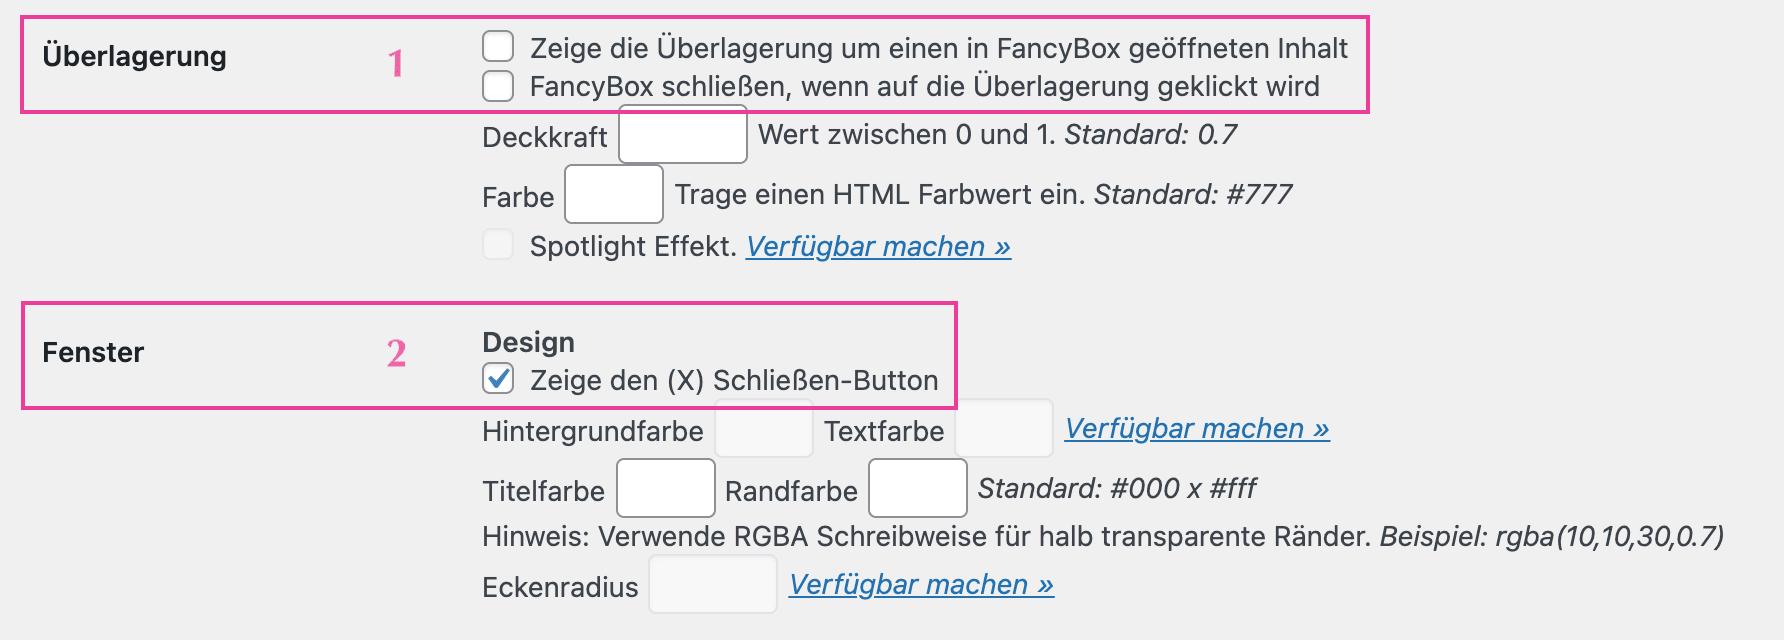 Easy FancyBox-überlagerung-fenster